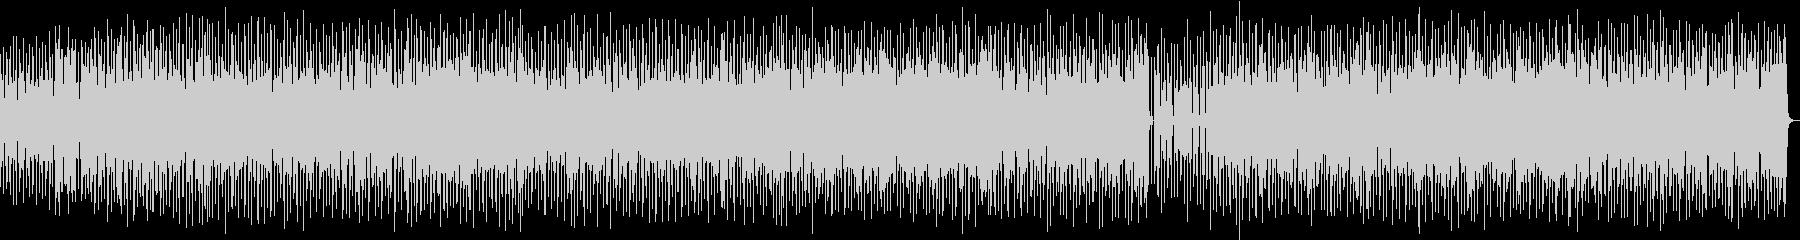 80年代中期シンセポップのインストの未再生の波形